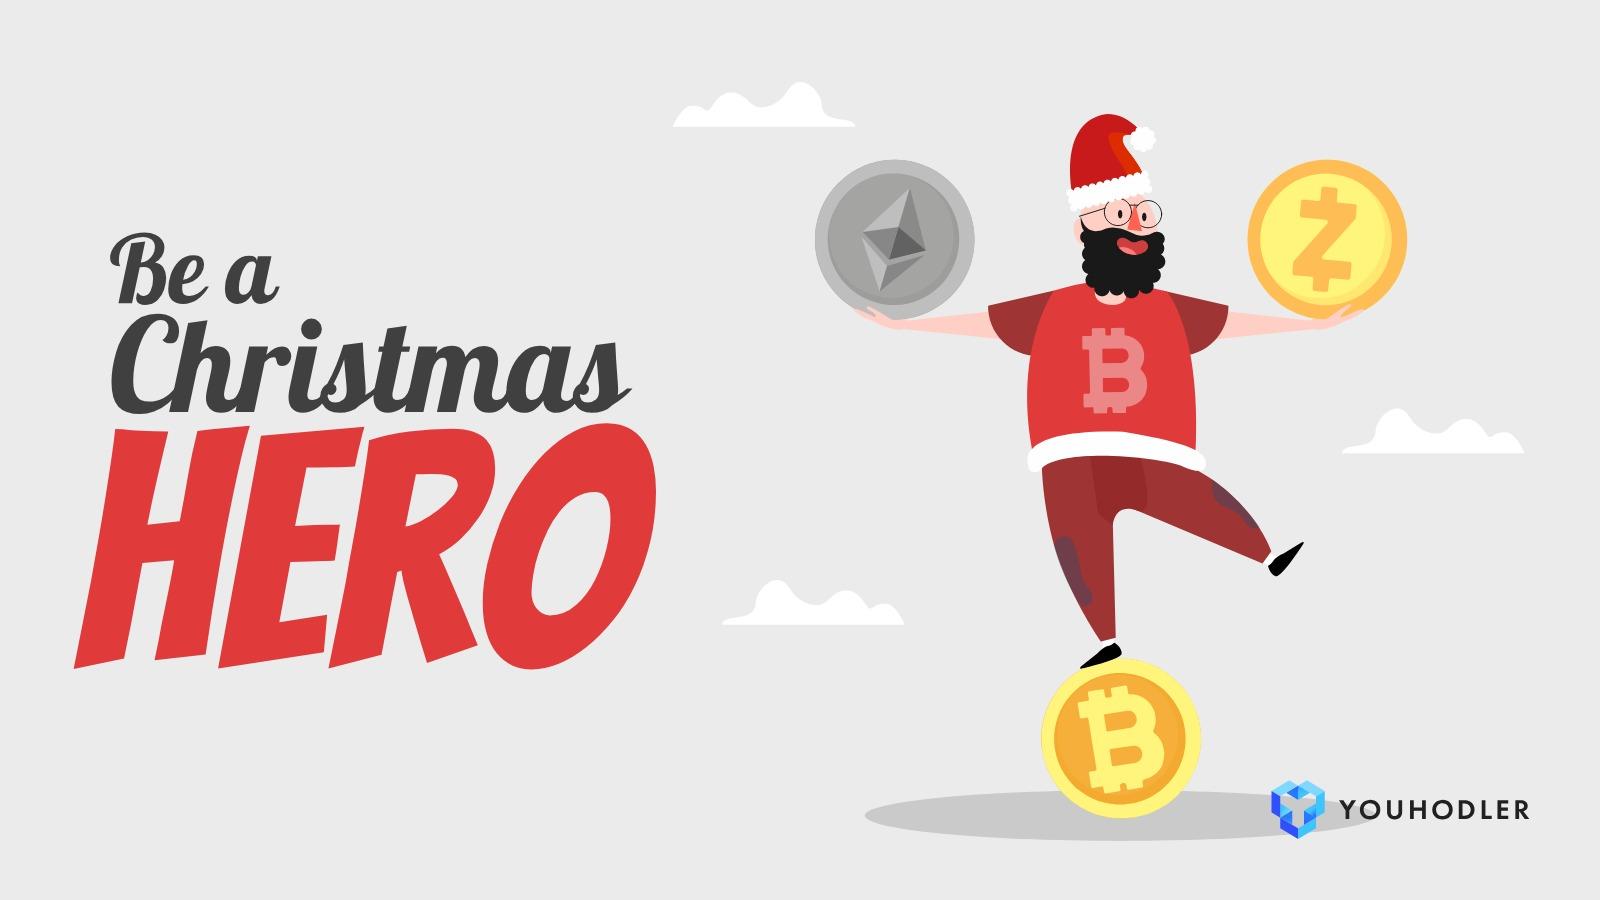 borrow crypto, crypto loans, earn crypto, earn bitcoin, crypto backed loans